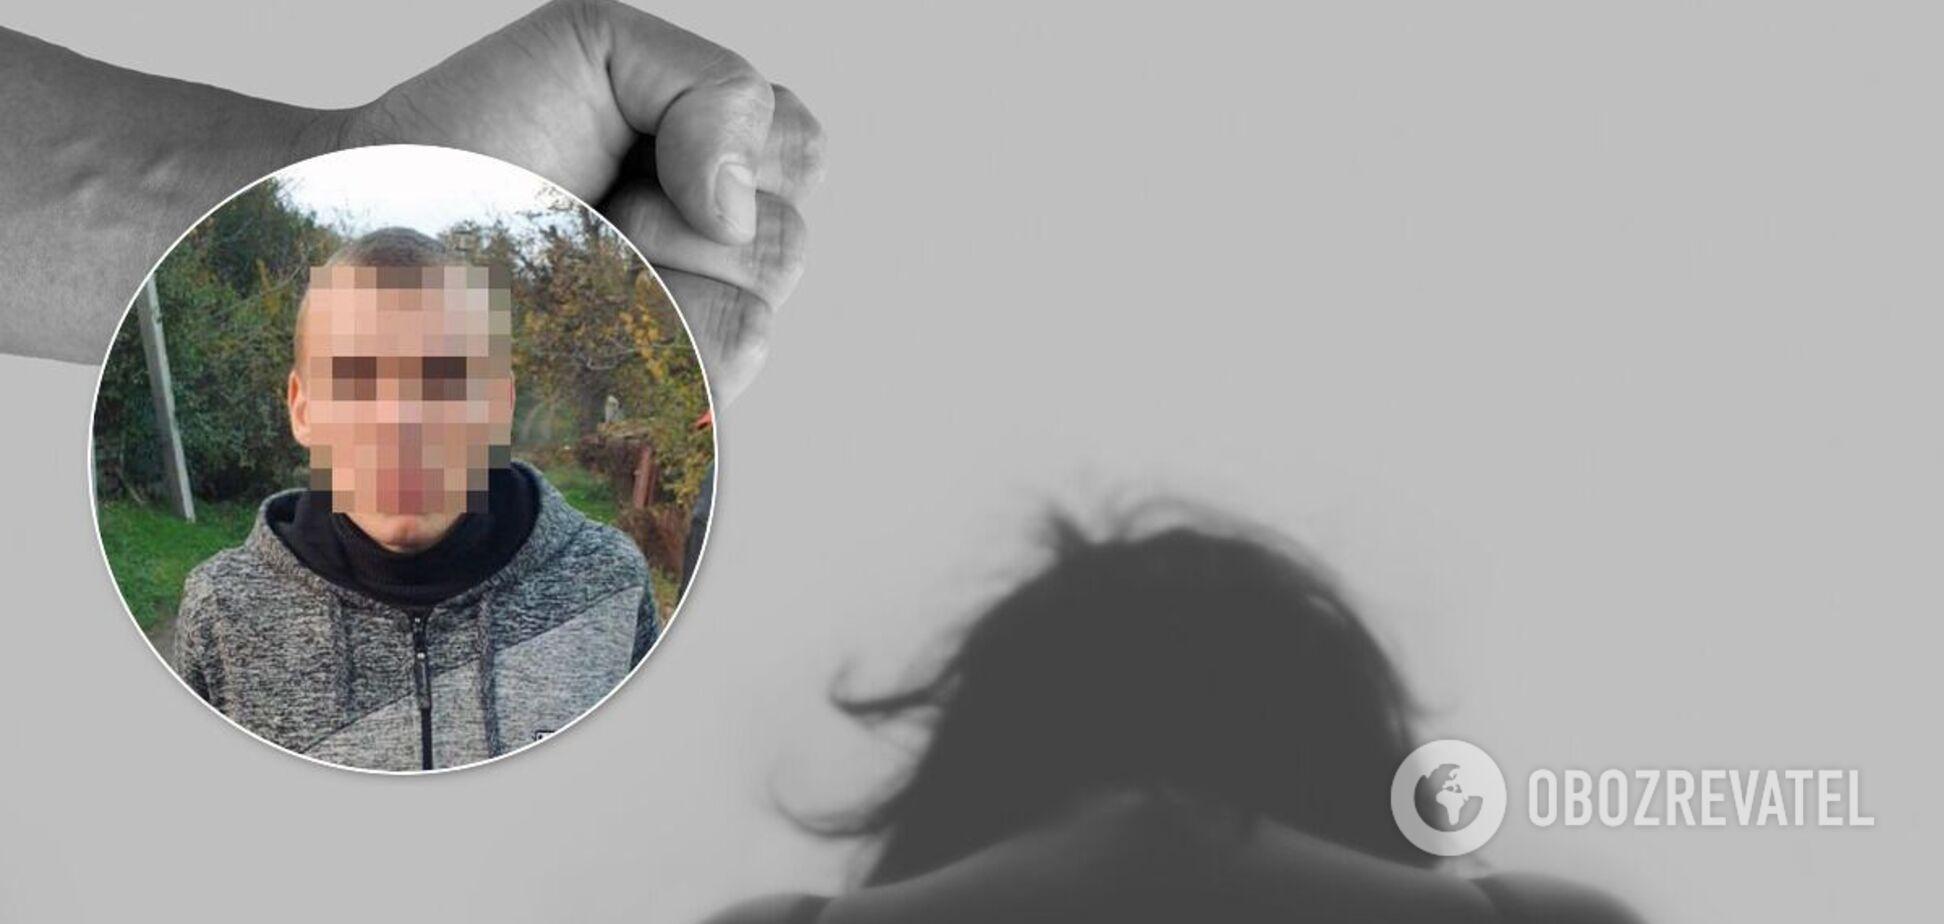 Злоумышленник унес жизнь молодой женщины